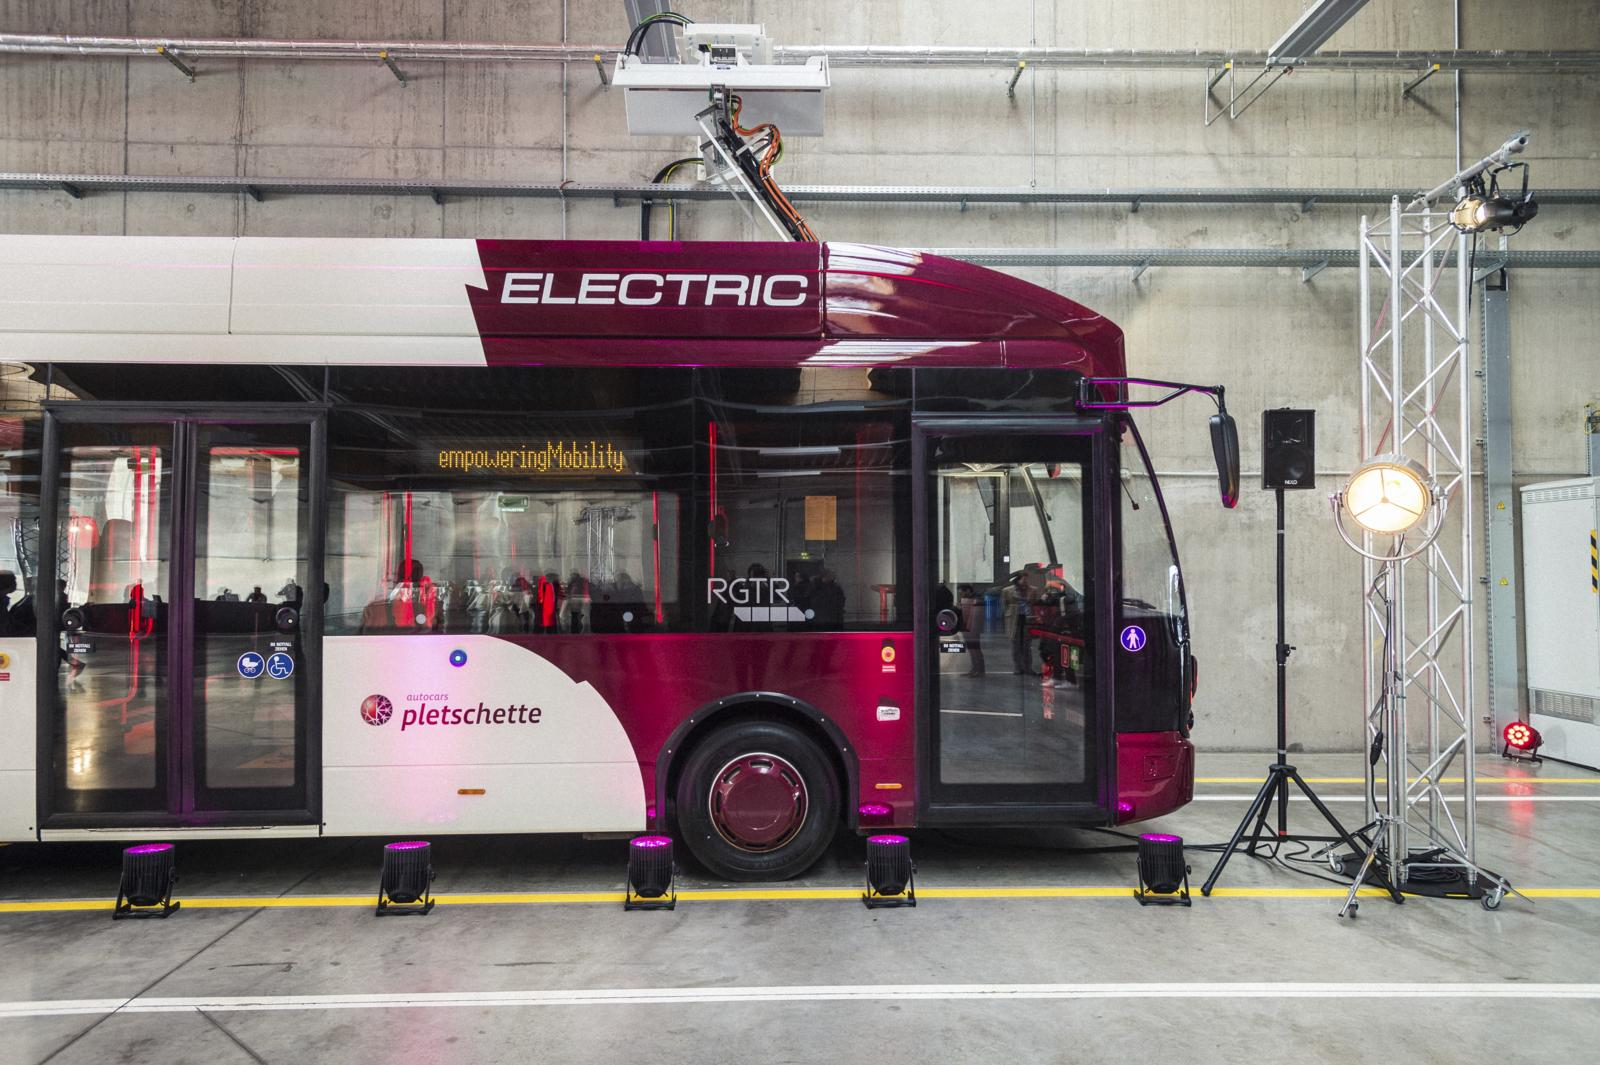 Les bus VDL choisis pour la ligne 305 sont chargés via deux systèmes: le principal qui utilise une caténaire... (Photo: Mike Zenari)